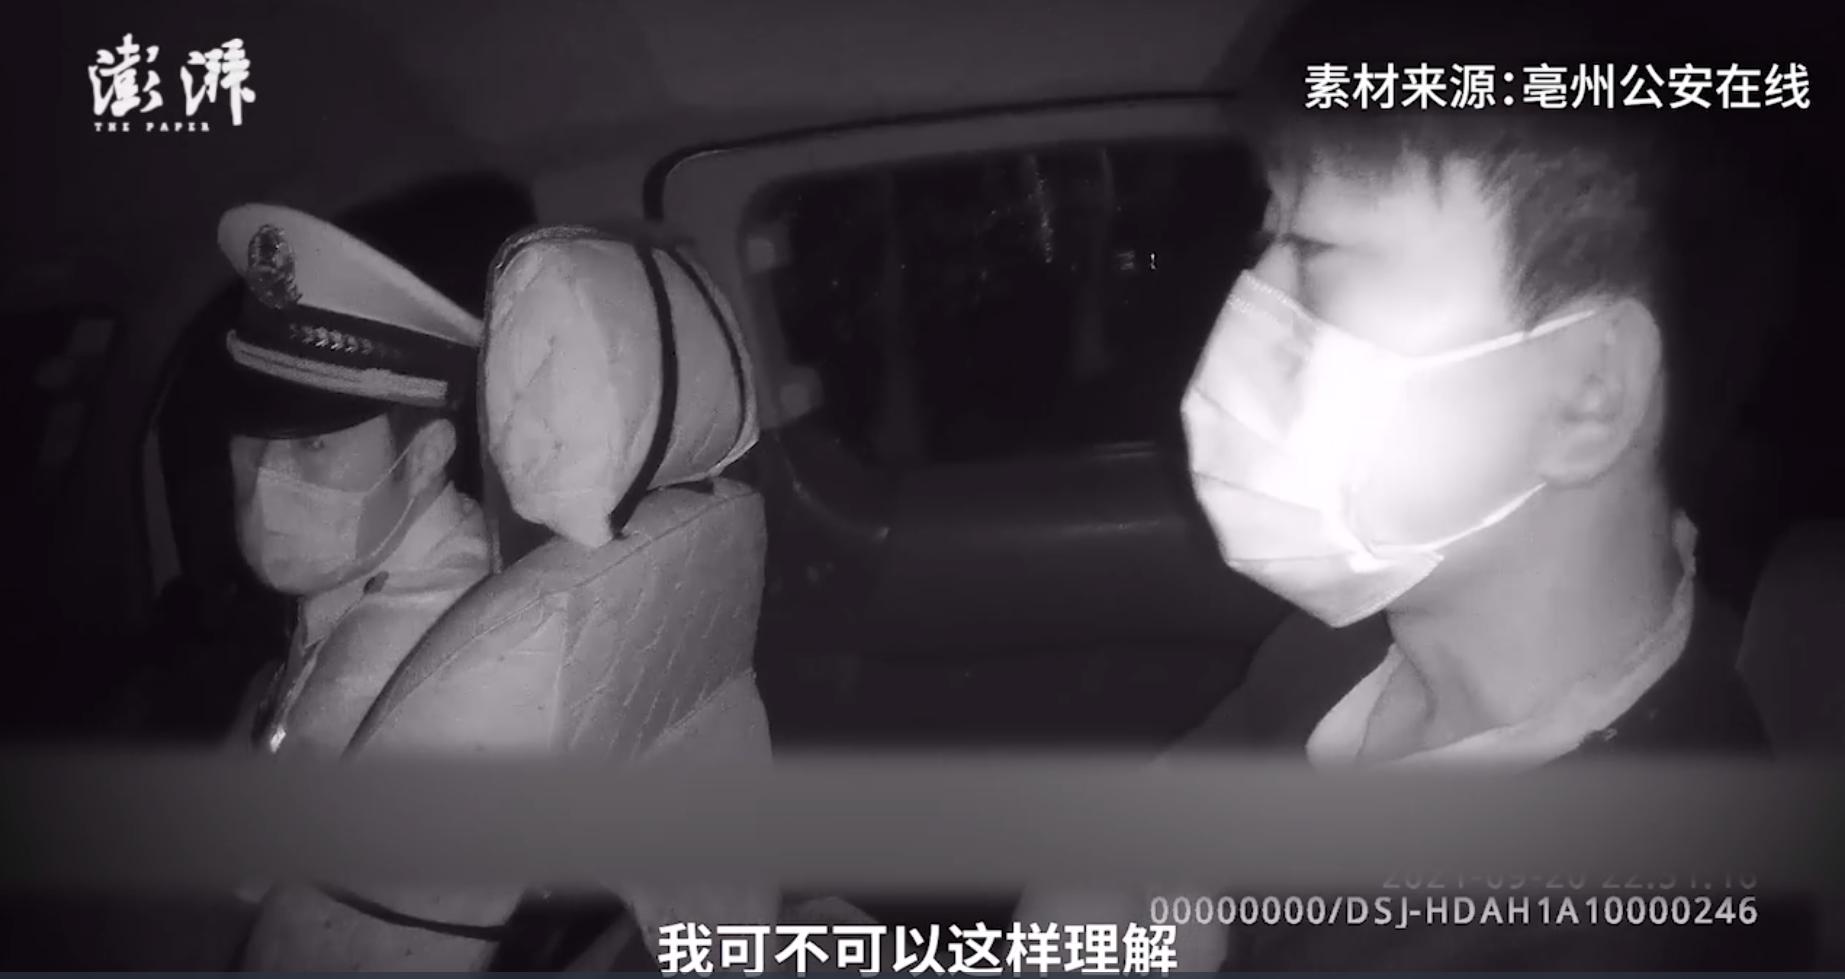 一个敢教一个敢学!亳州一无驾驶证男子酒后帮朋友开车